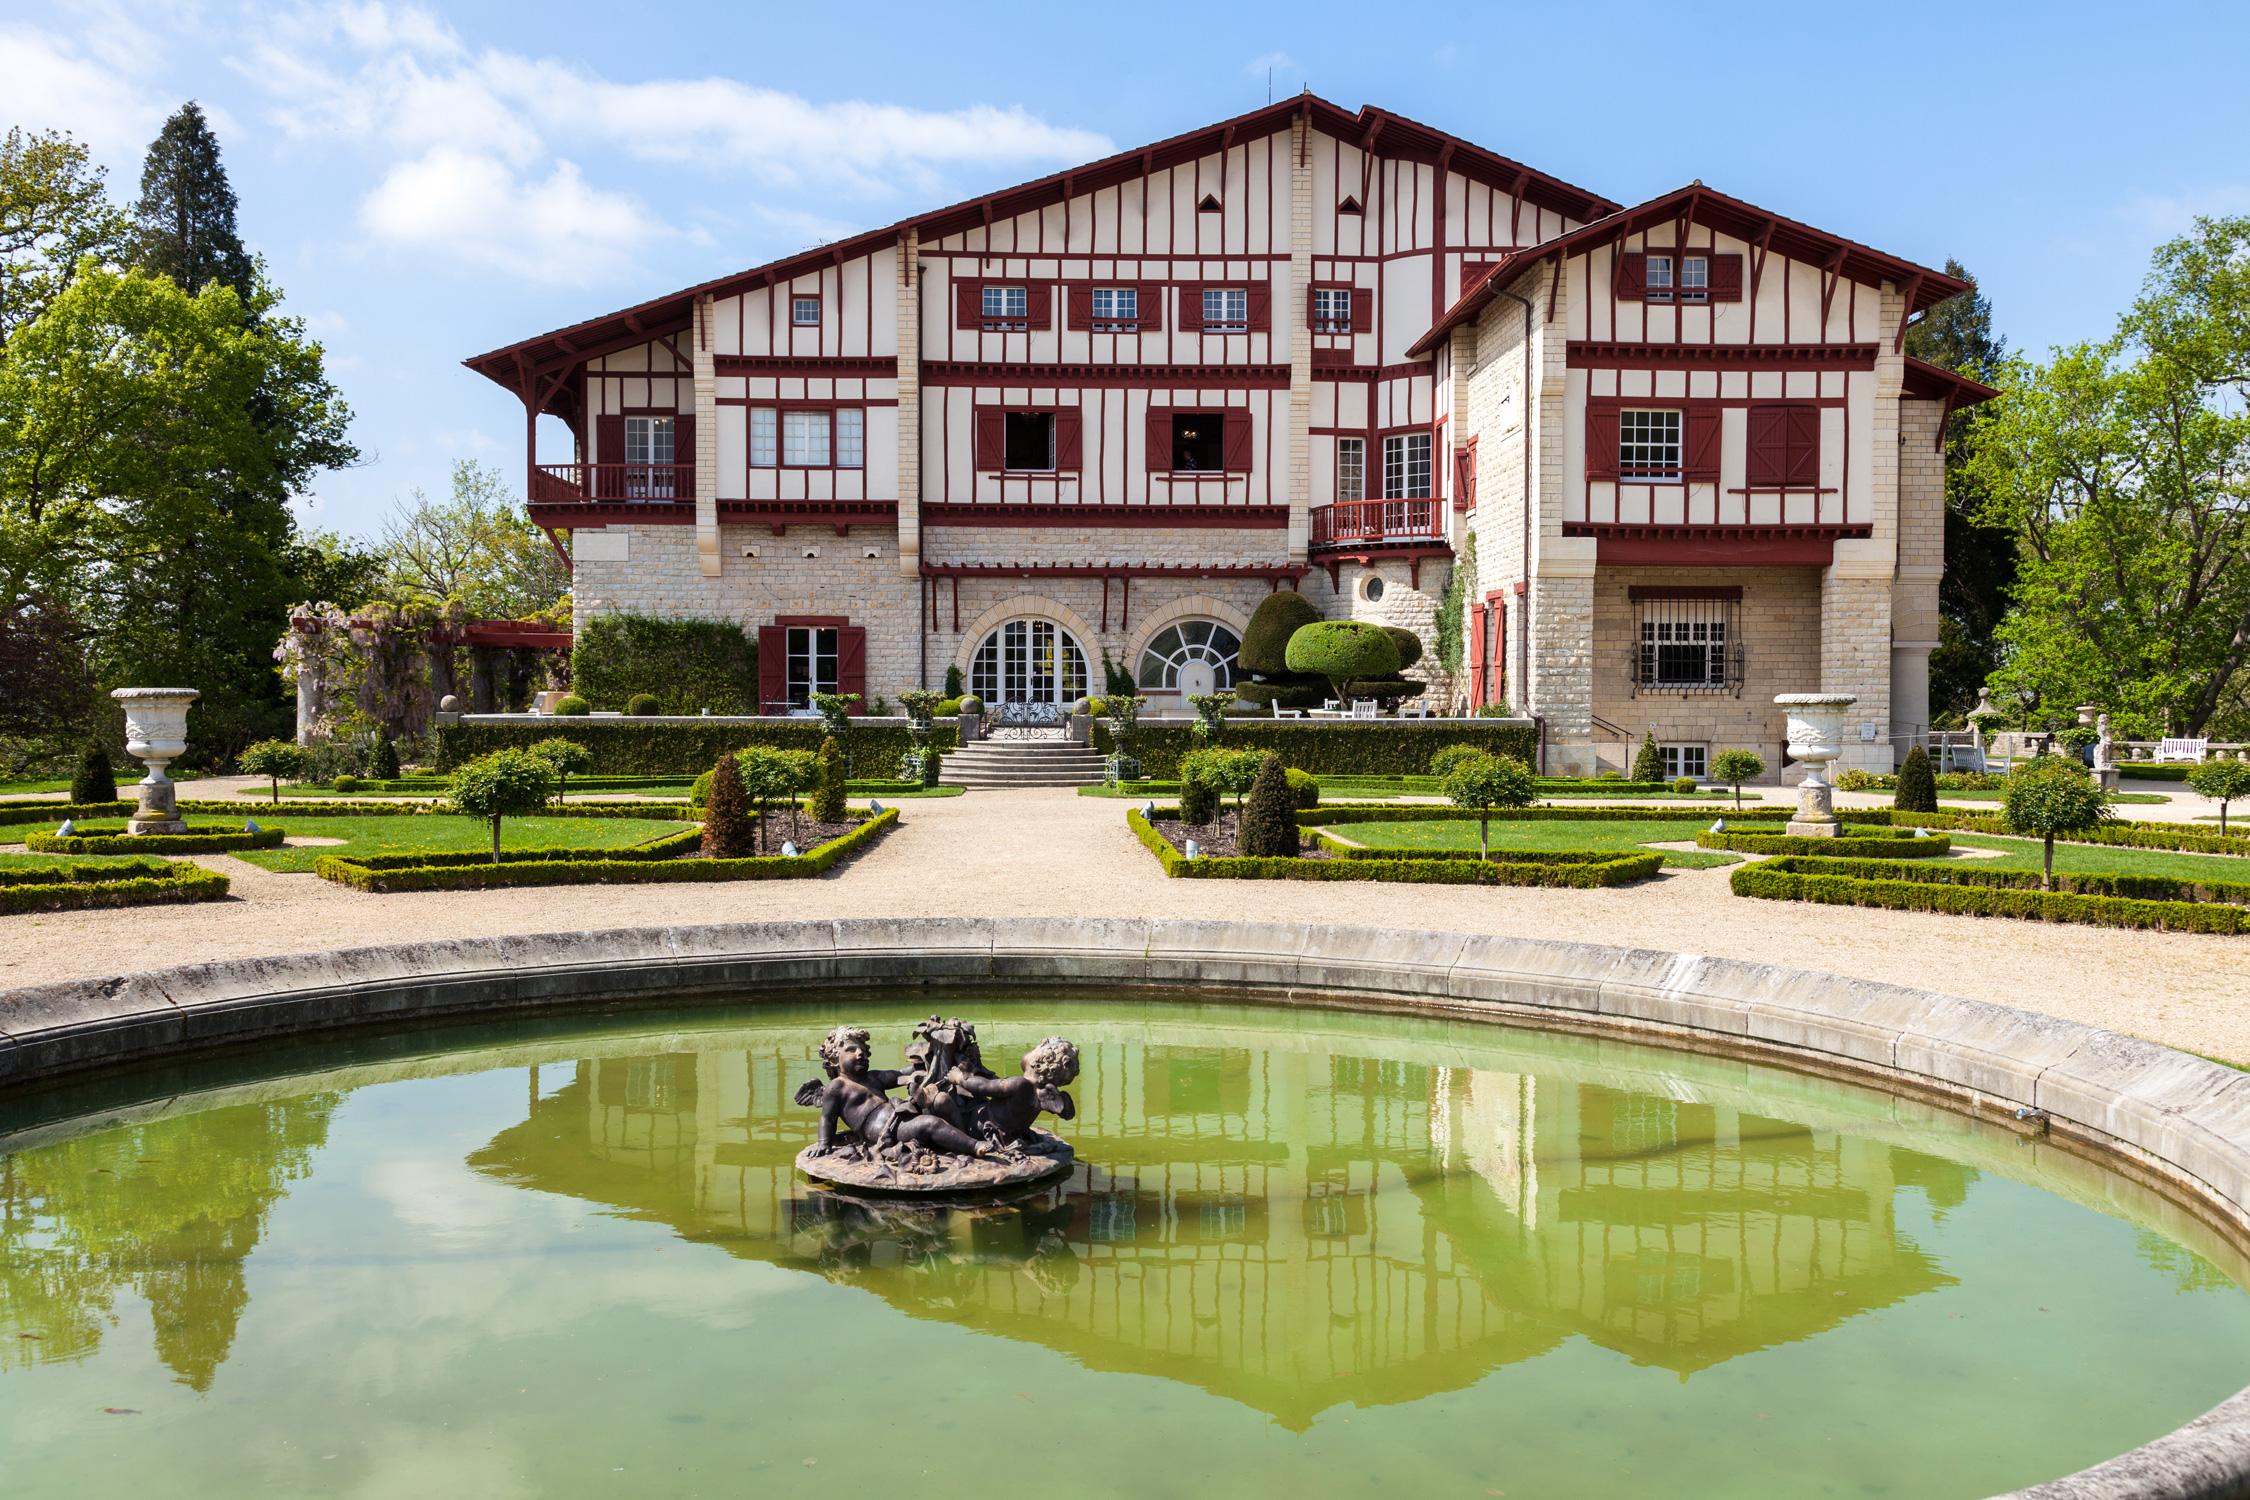 Resultado de imagem para villa arnaga villa 5 Villas to Discover in France delices mag pays basque saint jean de luz espelette copyright maeva destombes MG 8085